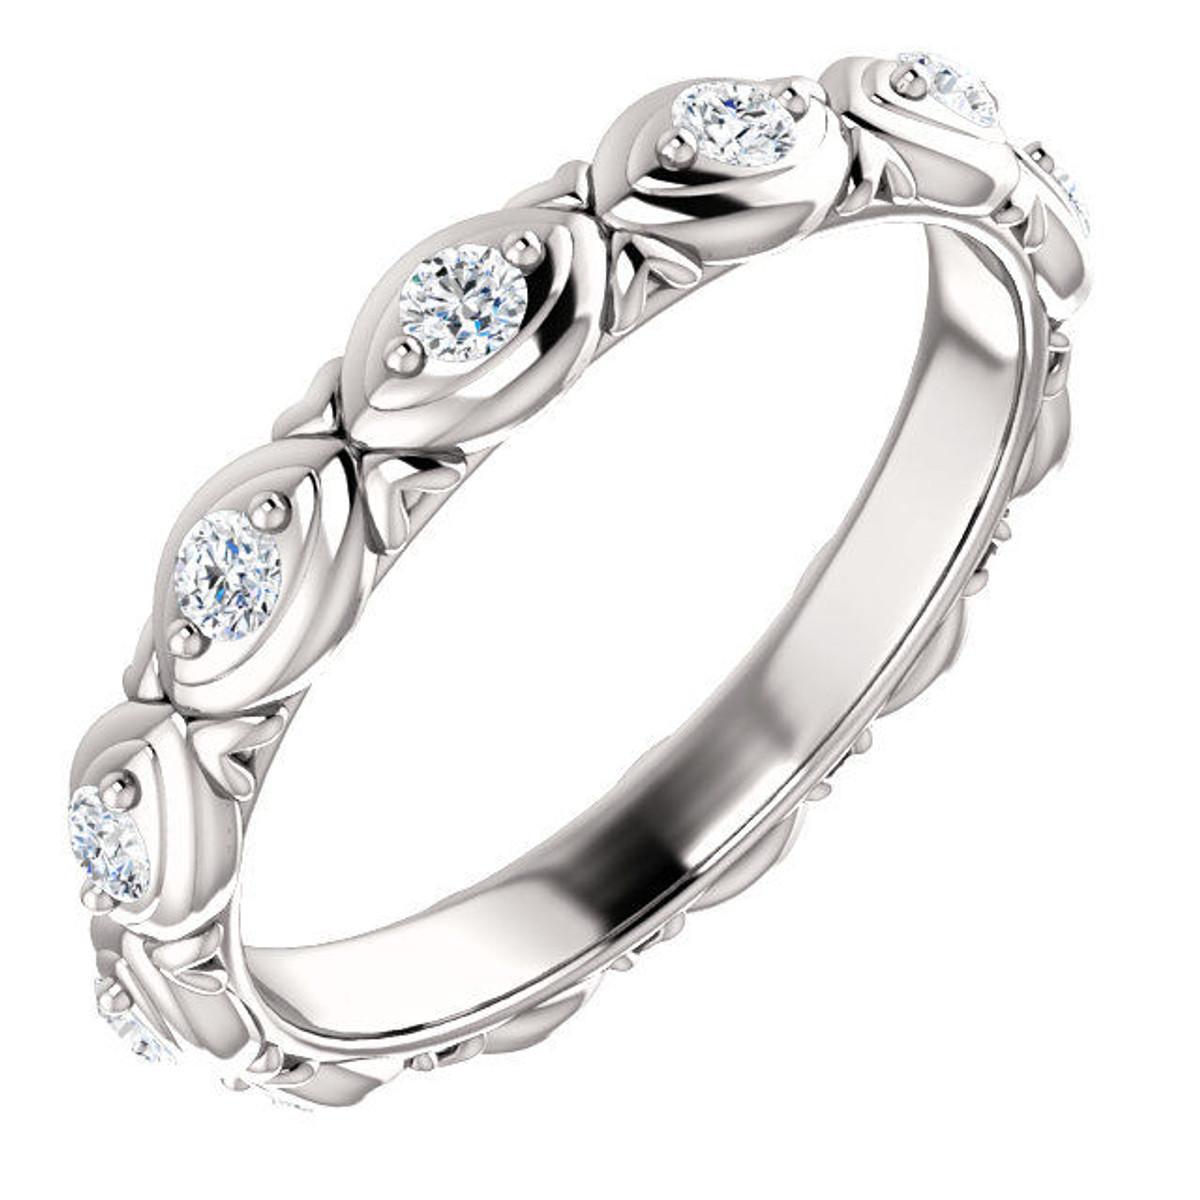 14Kt White Gold Designed Diamond Eternity Ring